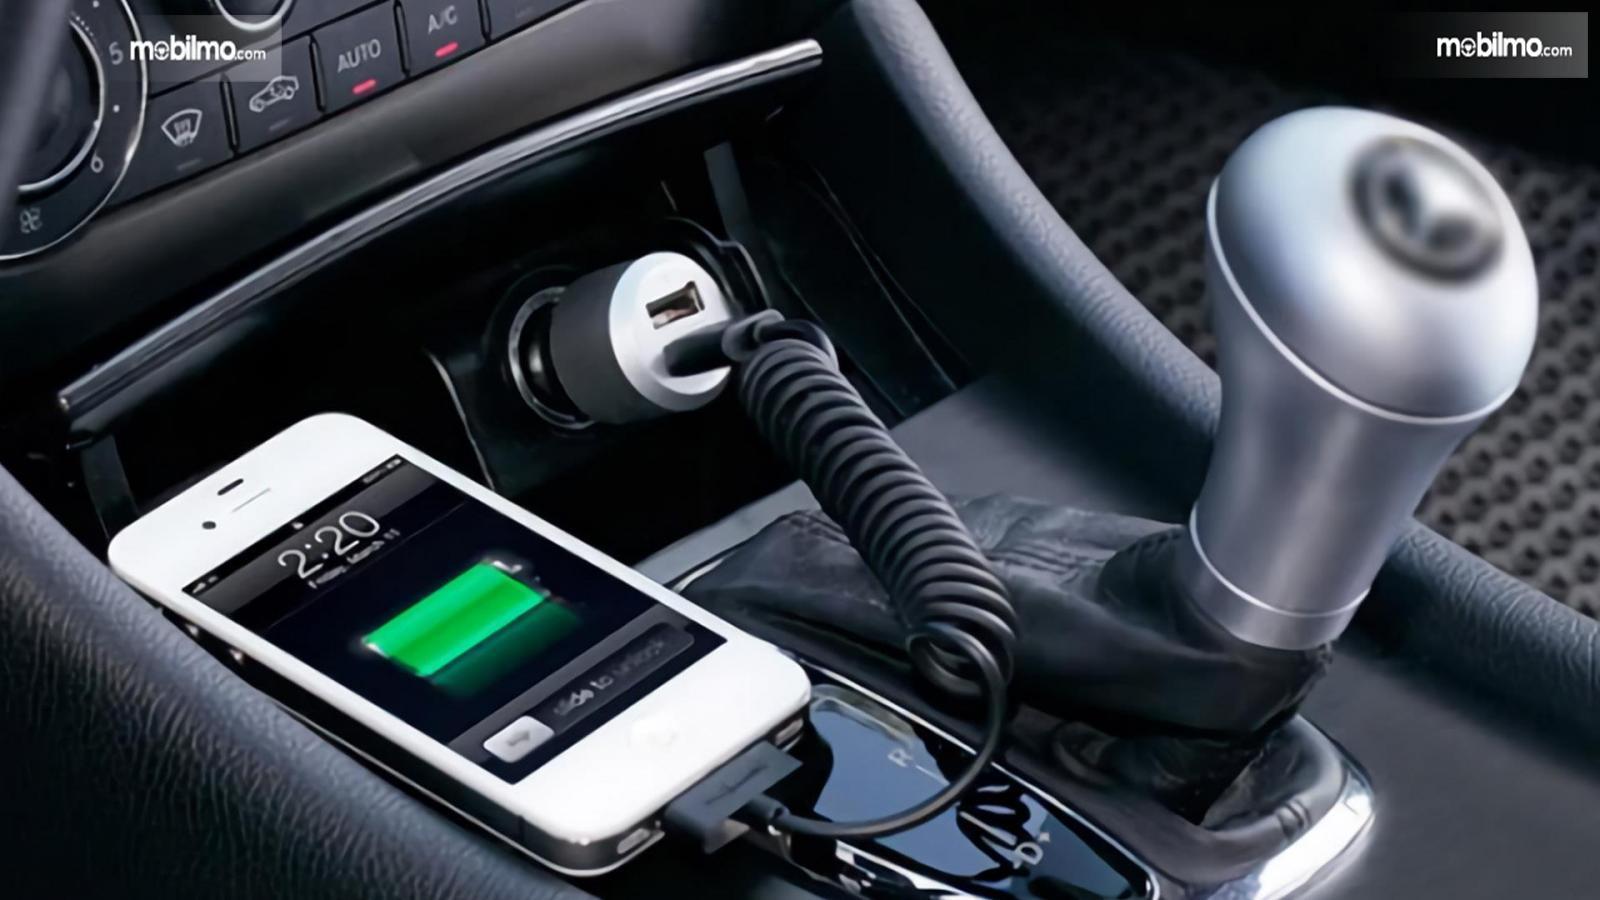 Foto Handphone sedang dicas dalam mobil